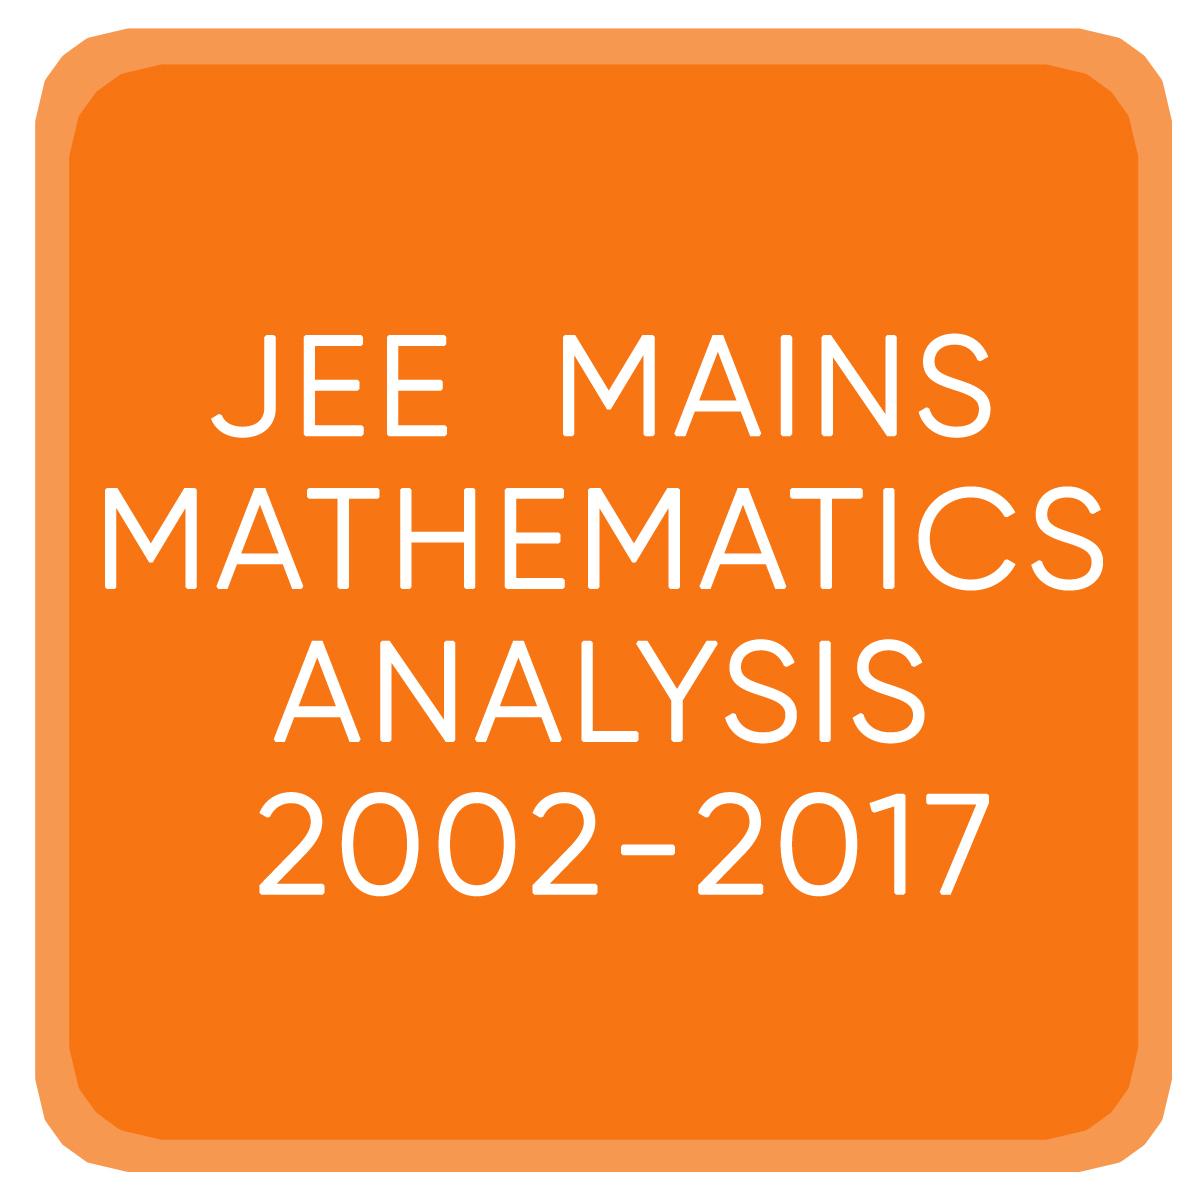 JEE MAINS MATHEMATICS ANALYSIS 2002-2017